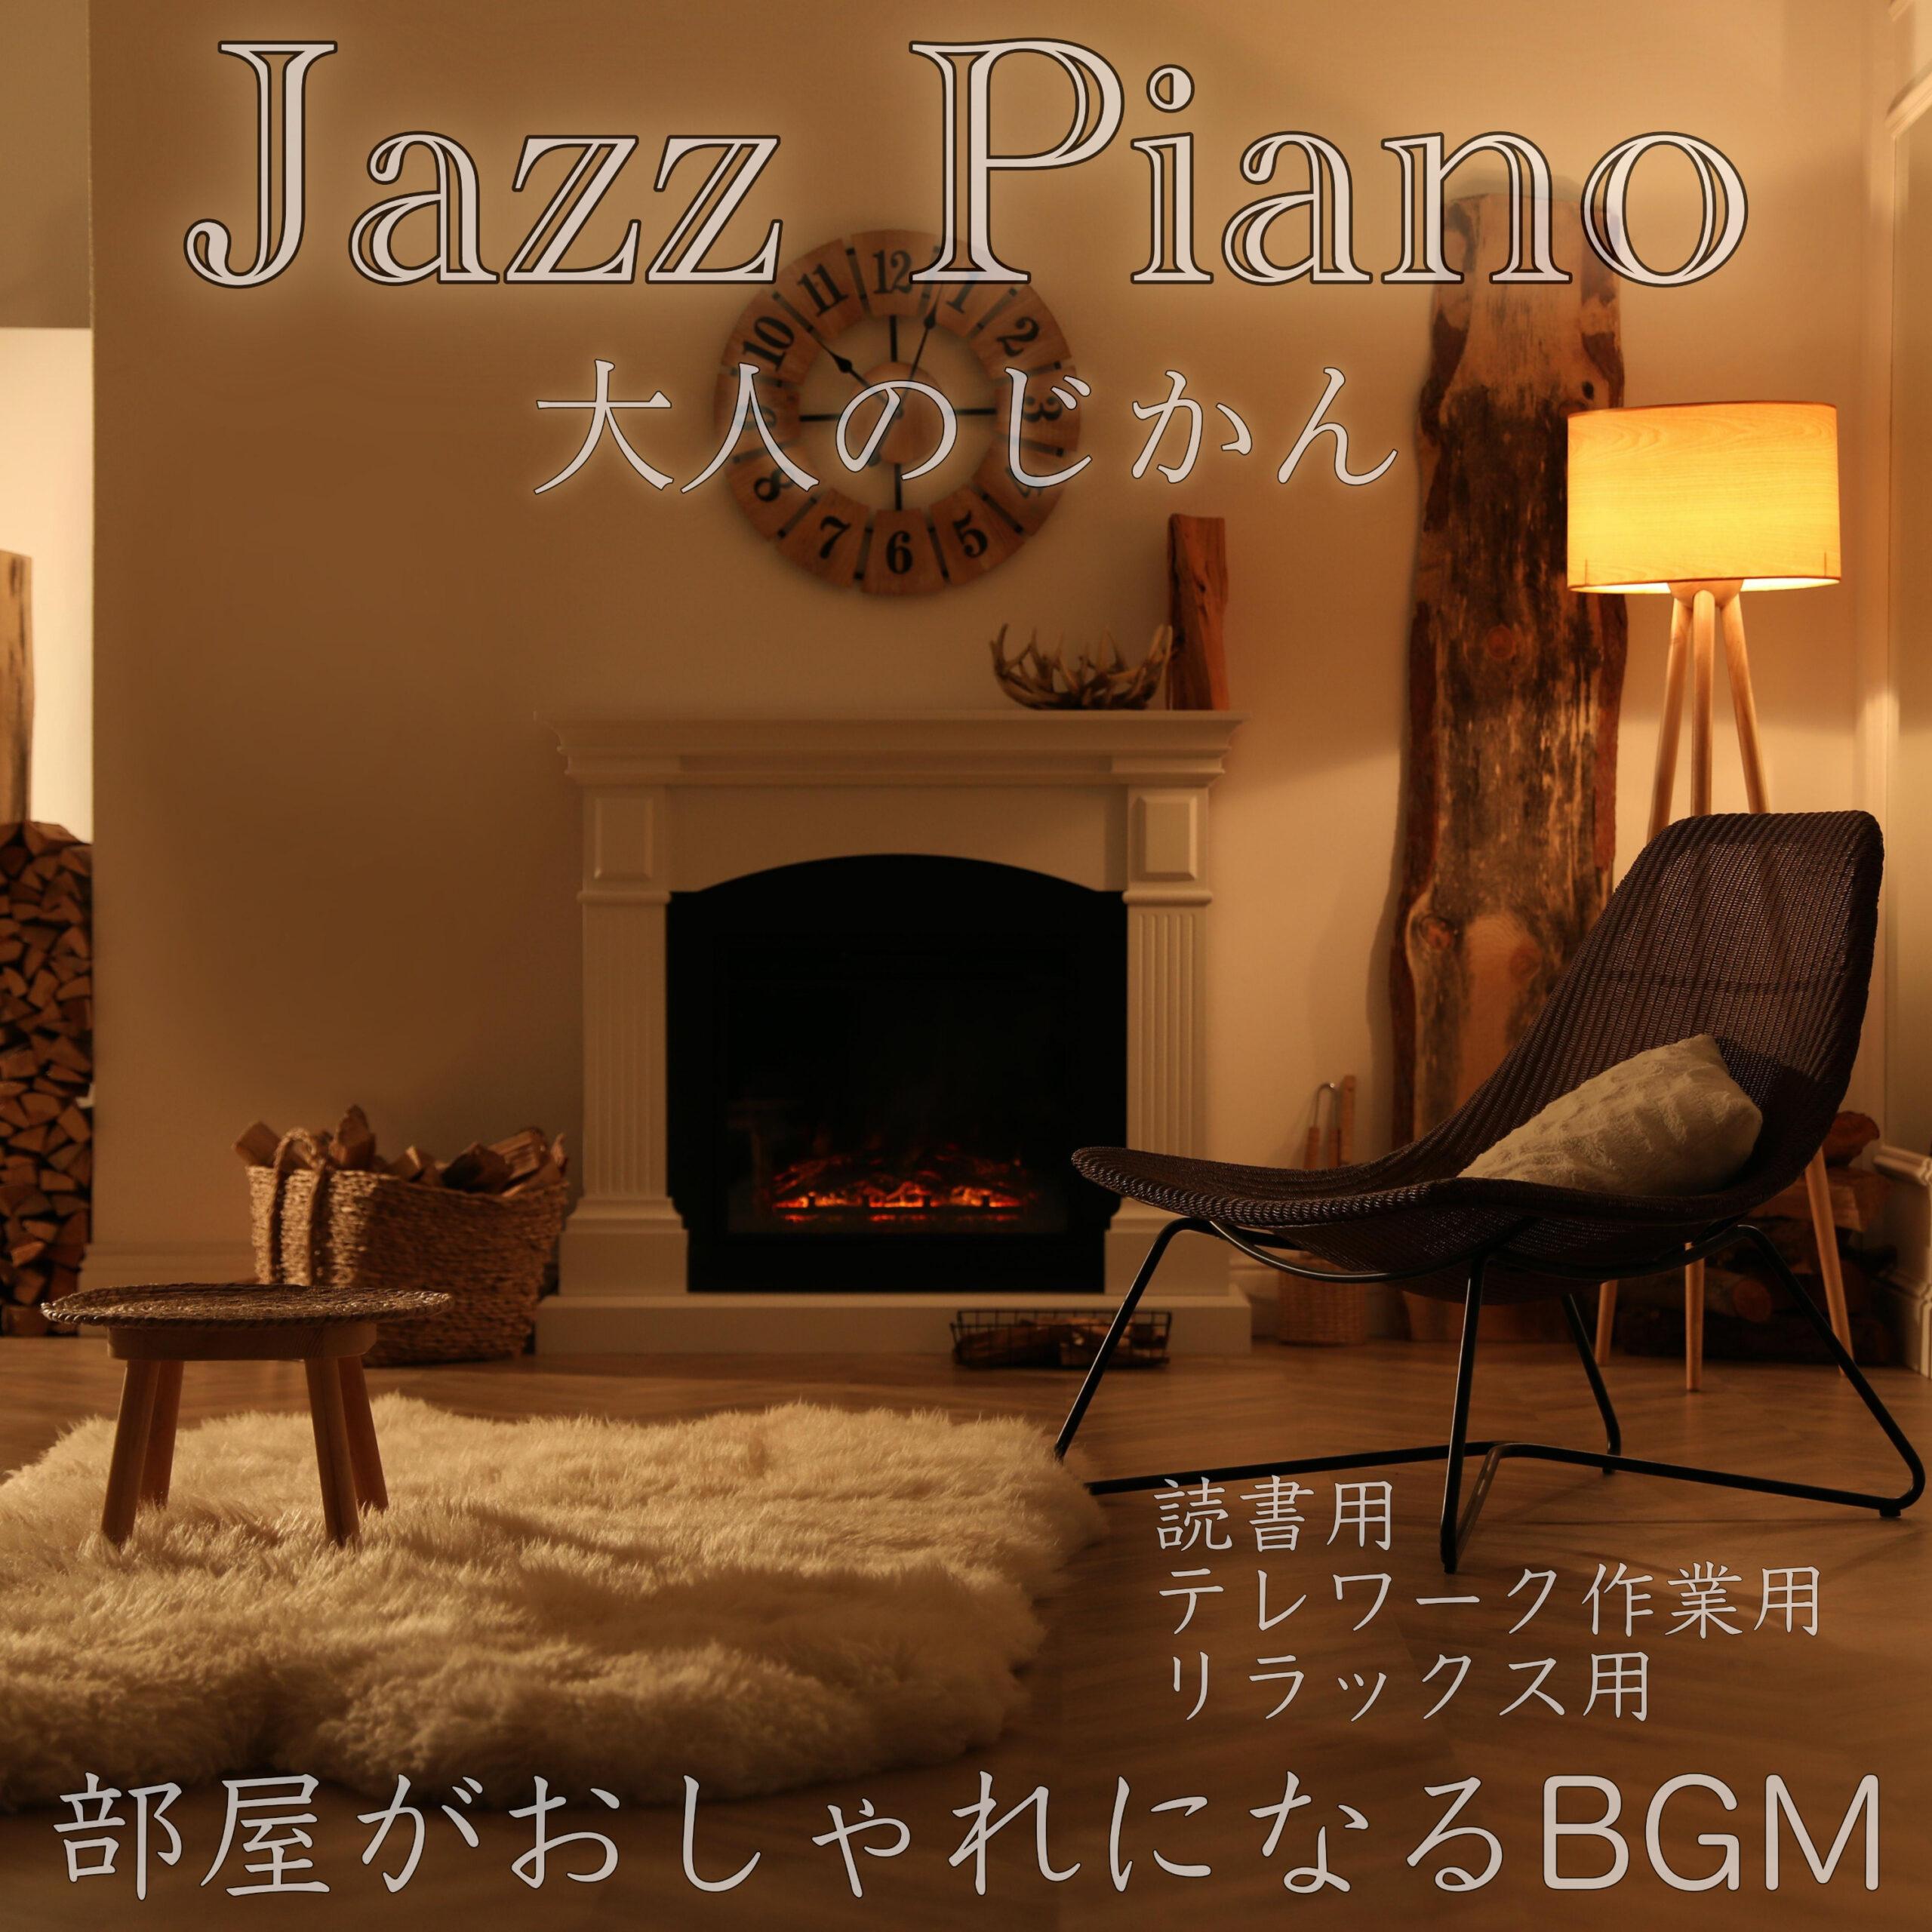 Jazz Piano 大人のじかん 部屋がおしゃれになるBGM 読書用 テレワーク用 リラックス用